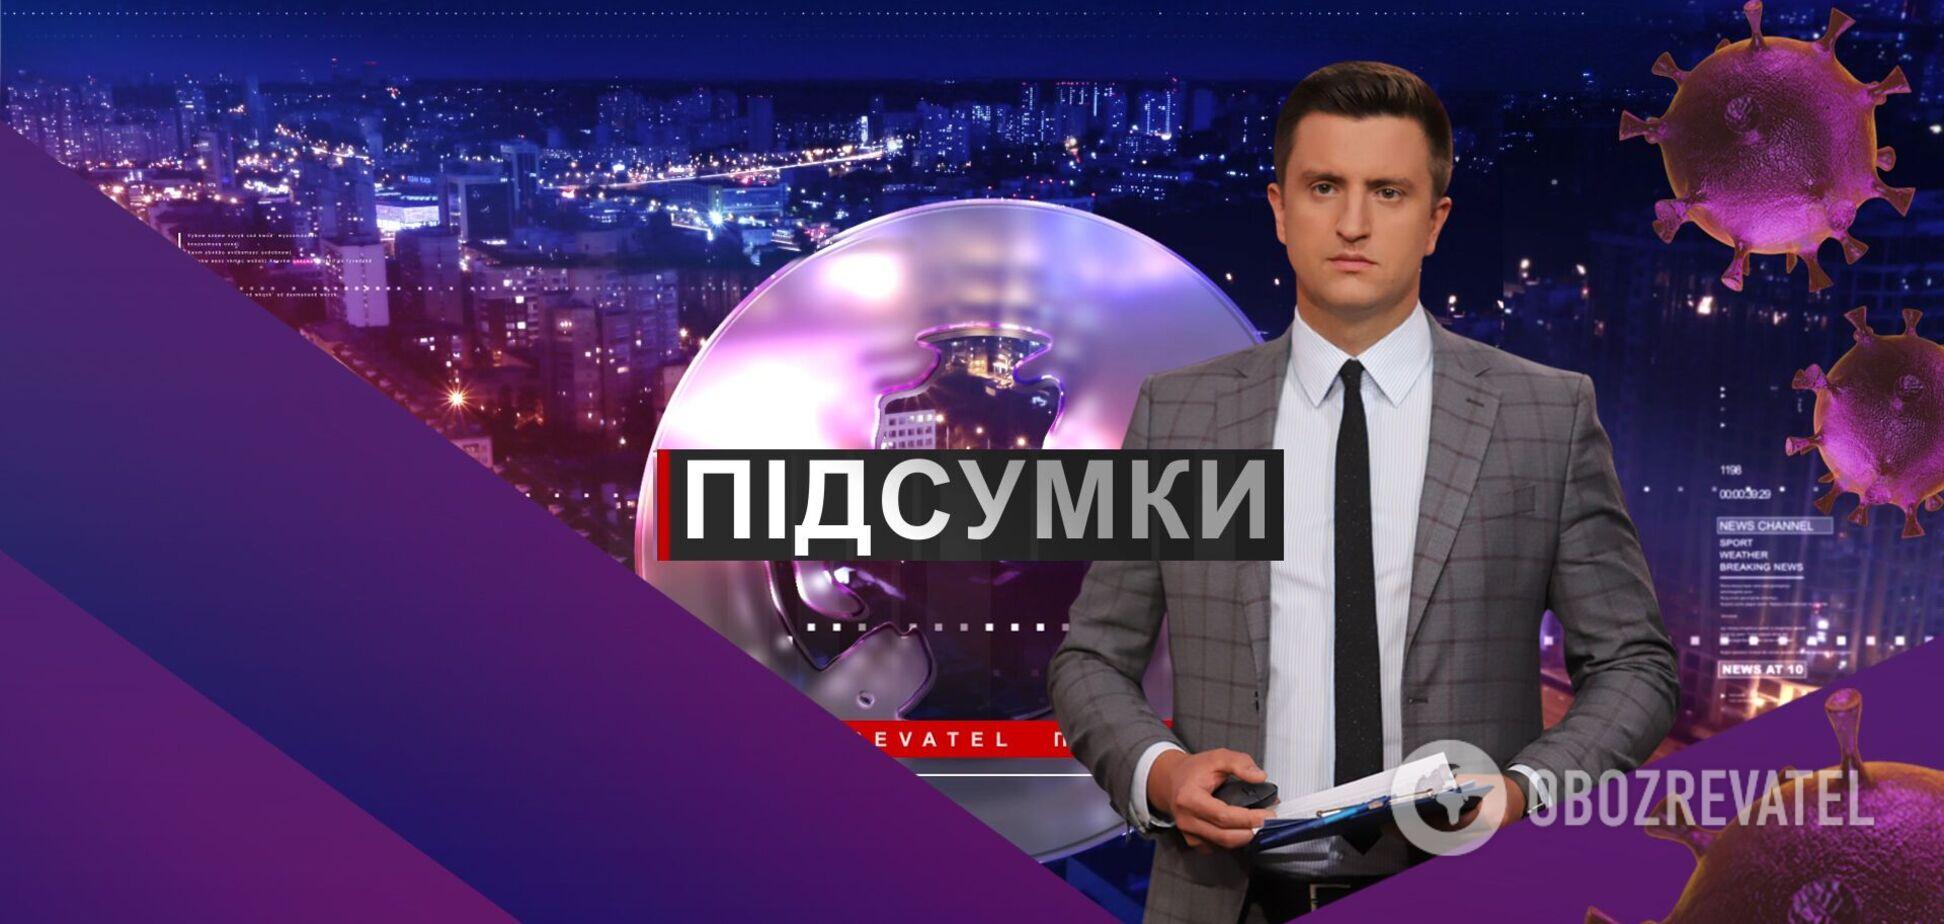 Підсумки дня з Вадимом Колодійчуком. Понеділок, 16 листопада